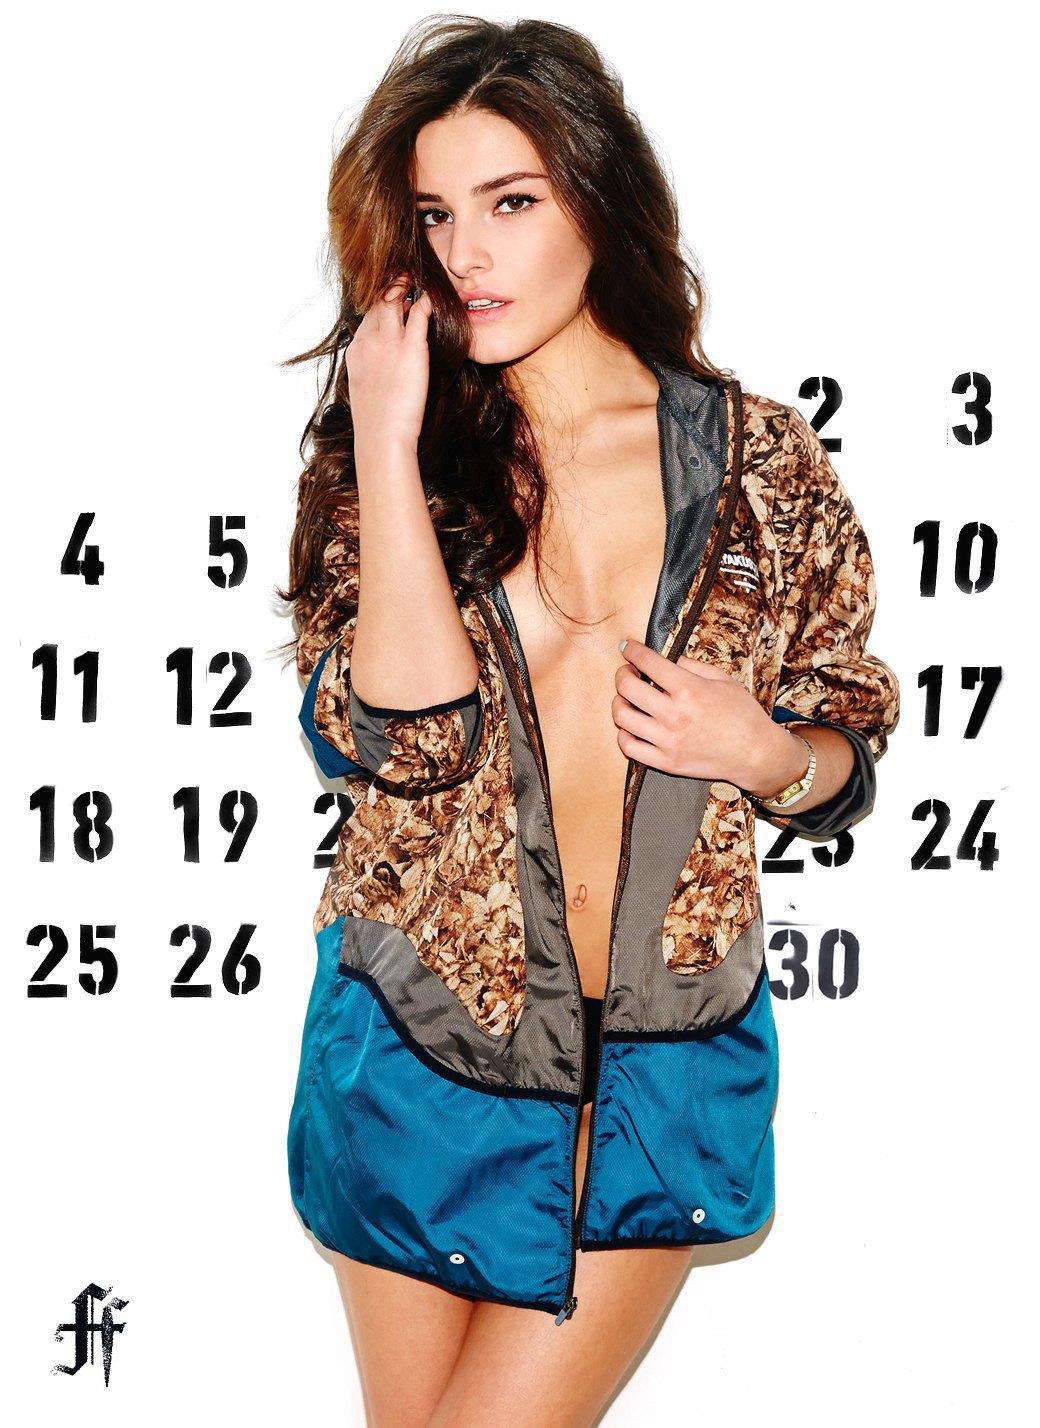 Календарь FURFUR на 2013 год. Изображение № 11.